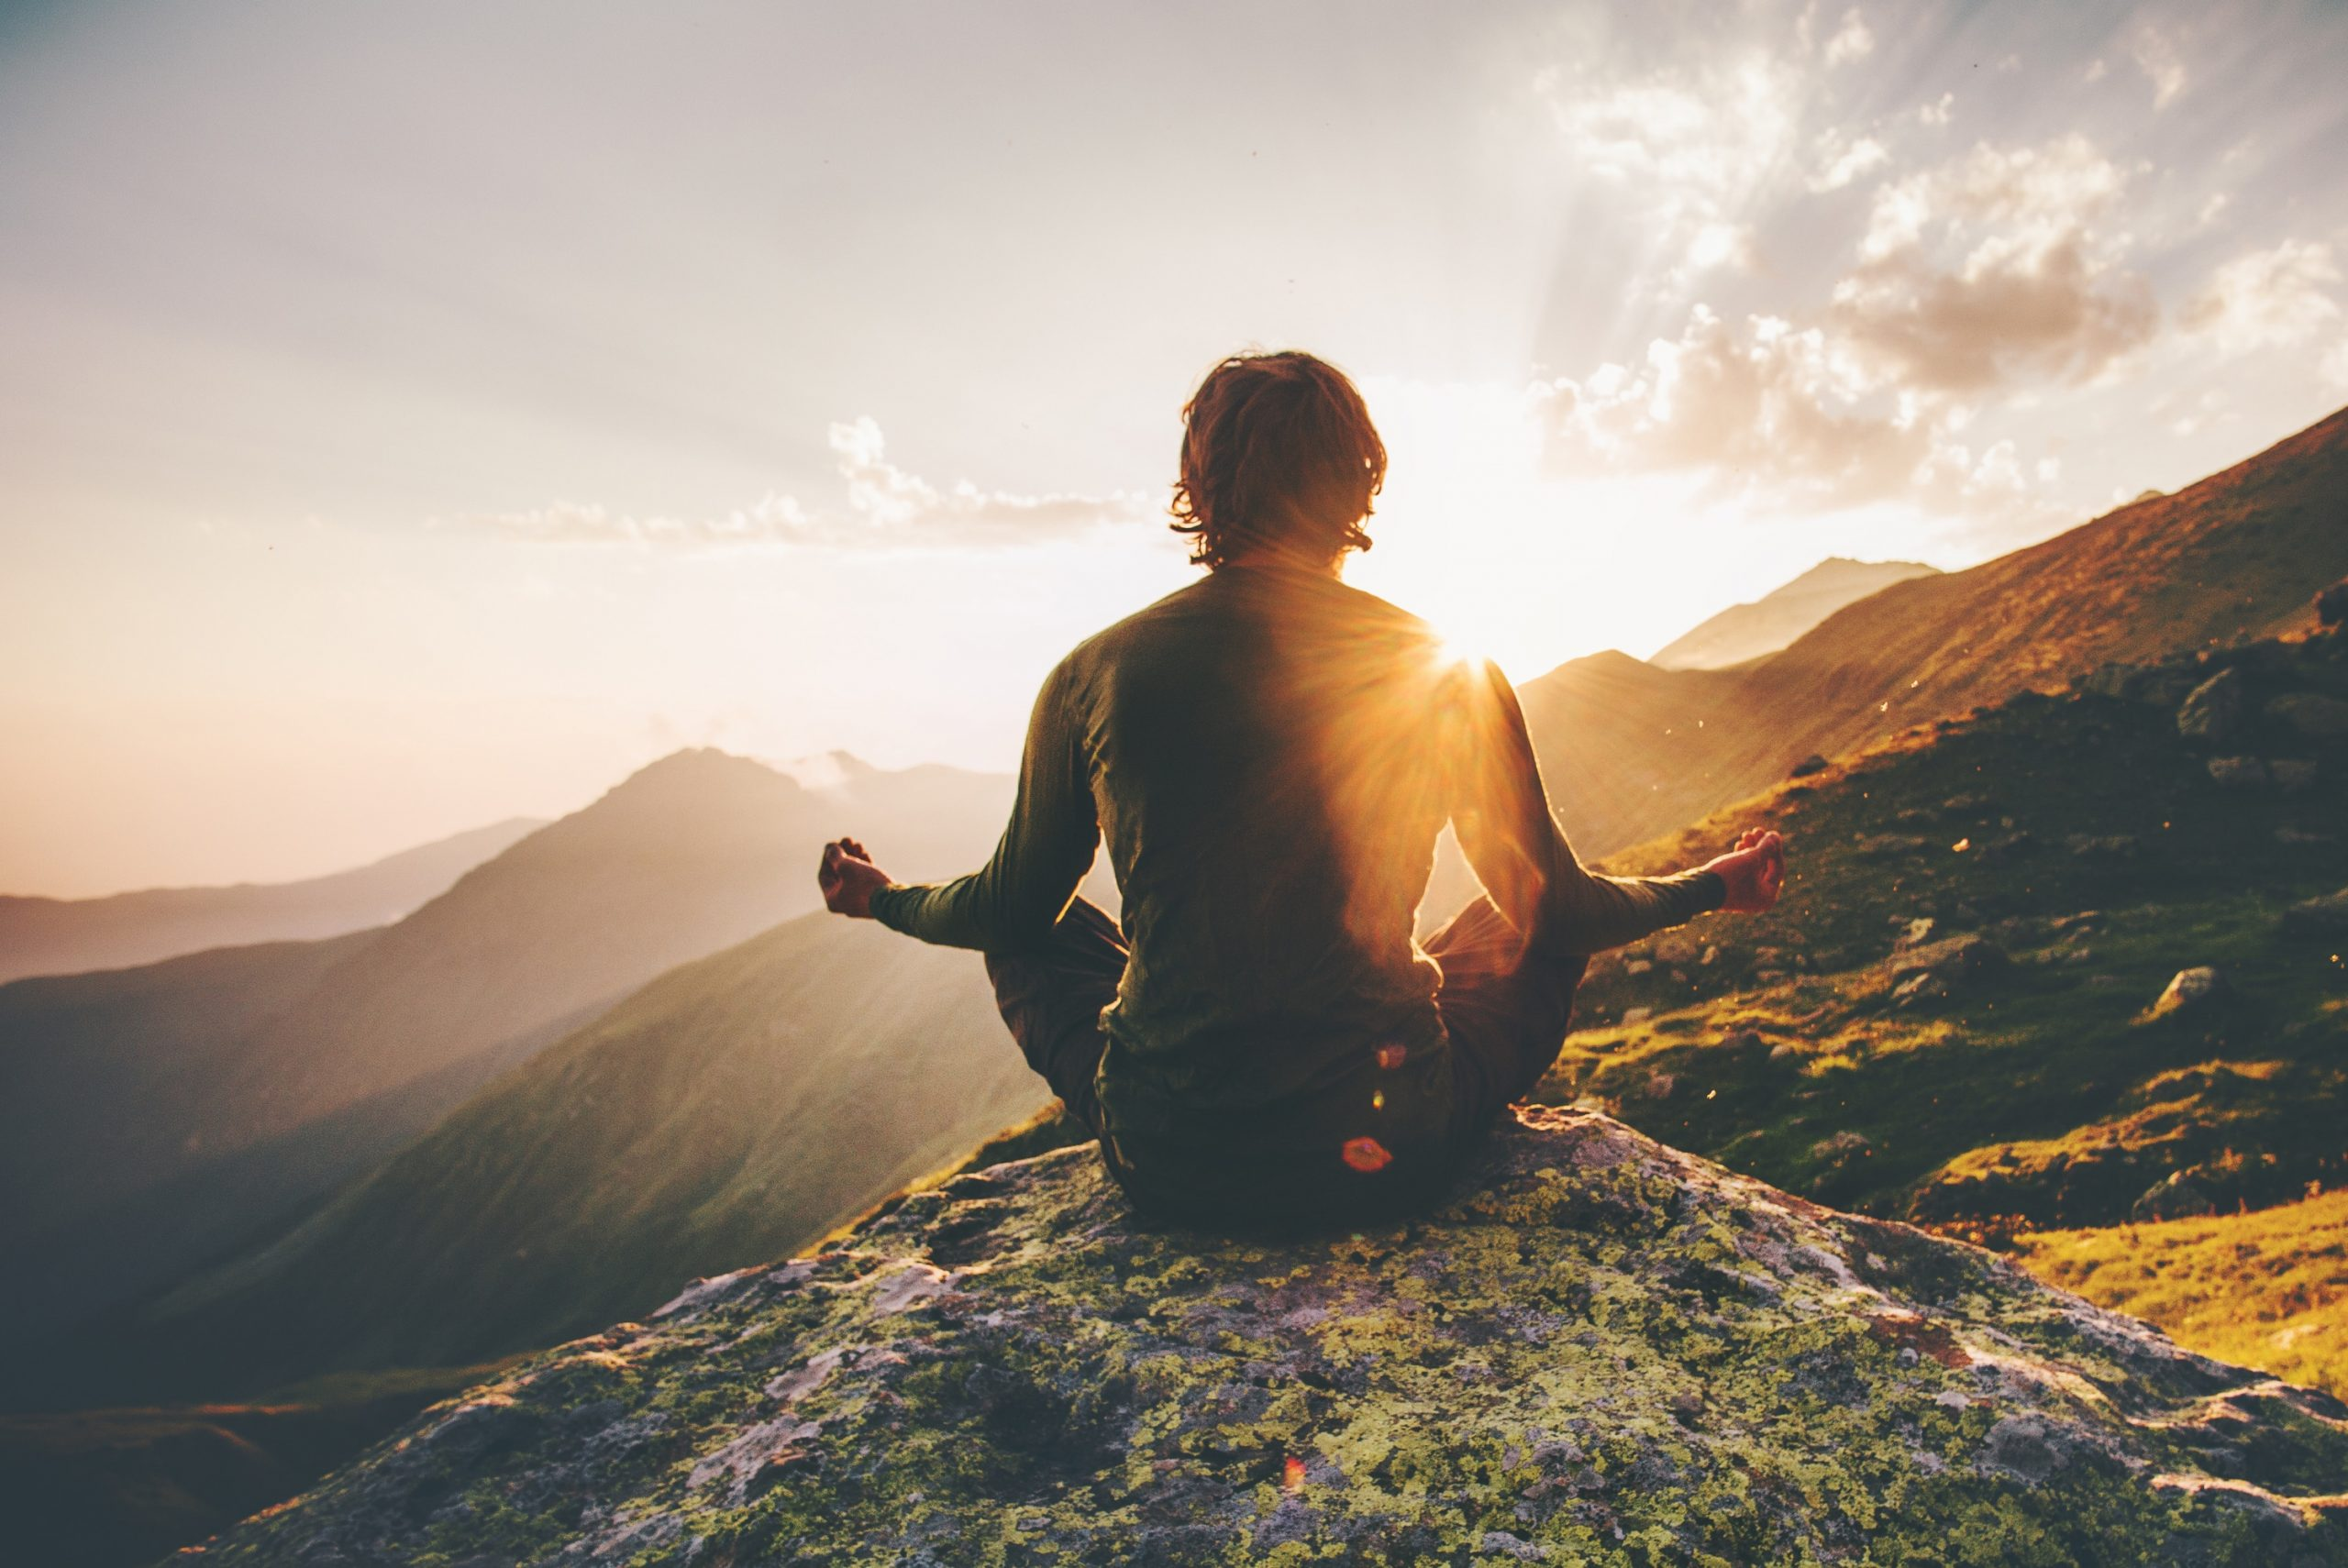 योग : आप अपने शरीर के मन और आत्मा को कैसे बदल सकते हैं ? | Yoga : How Can you Transform your Body Mind and Soul